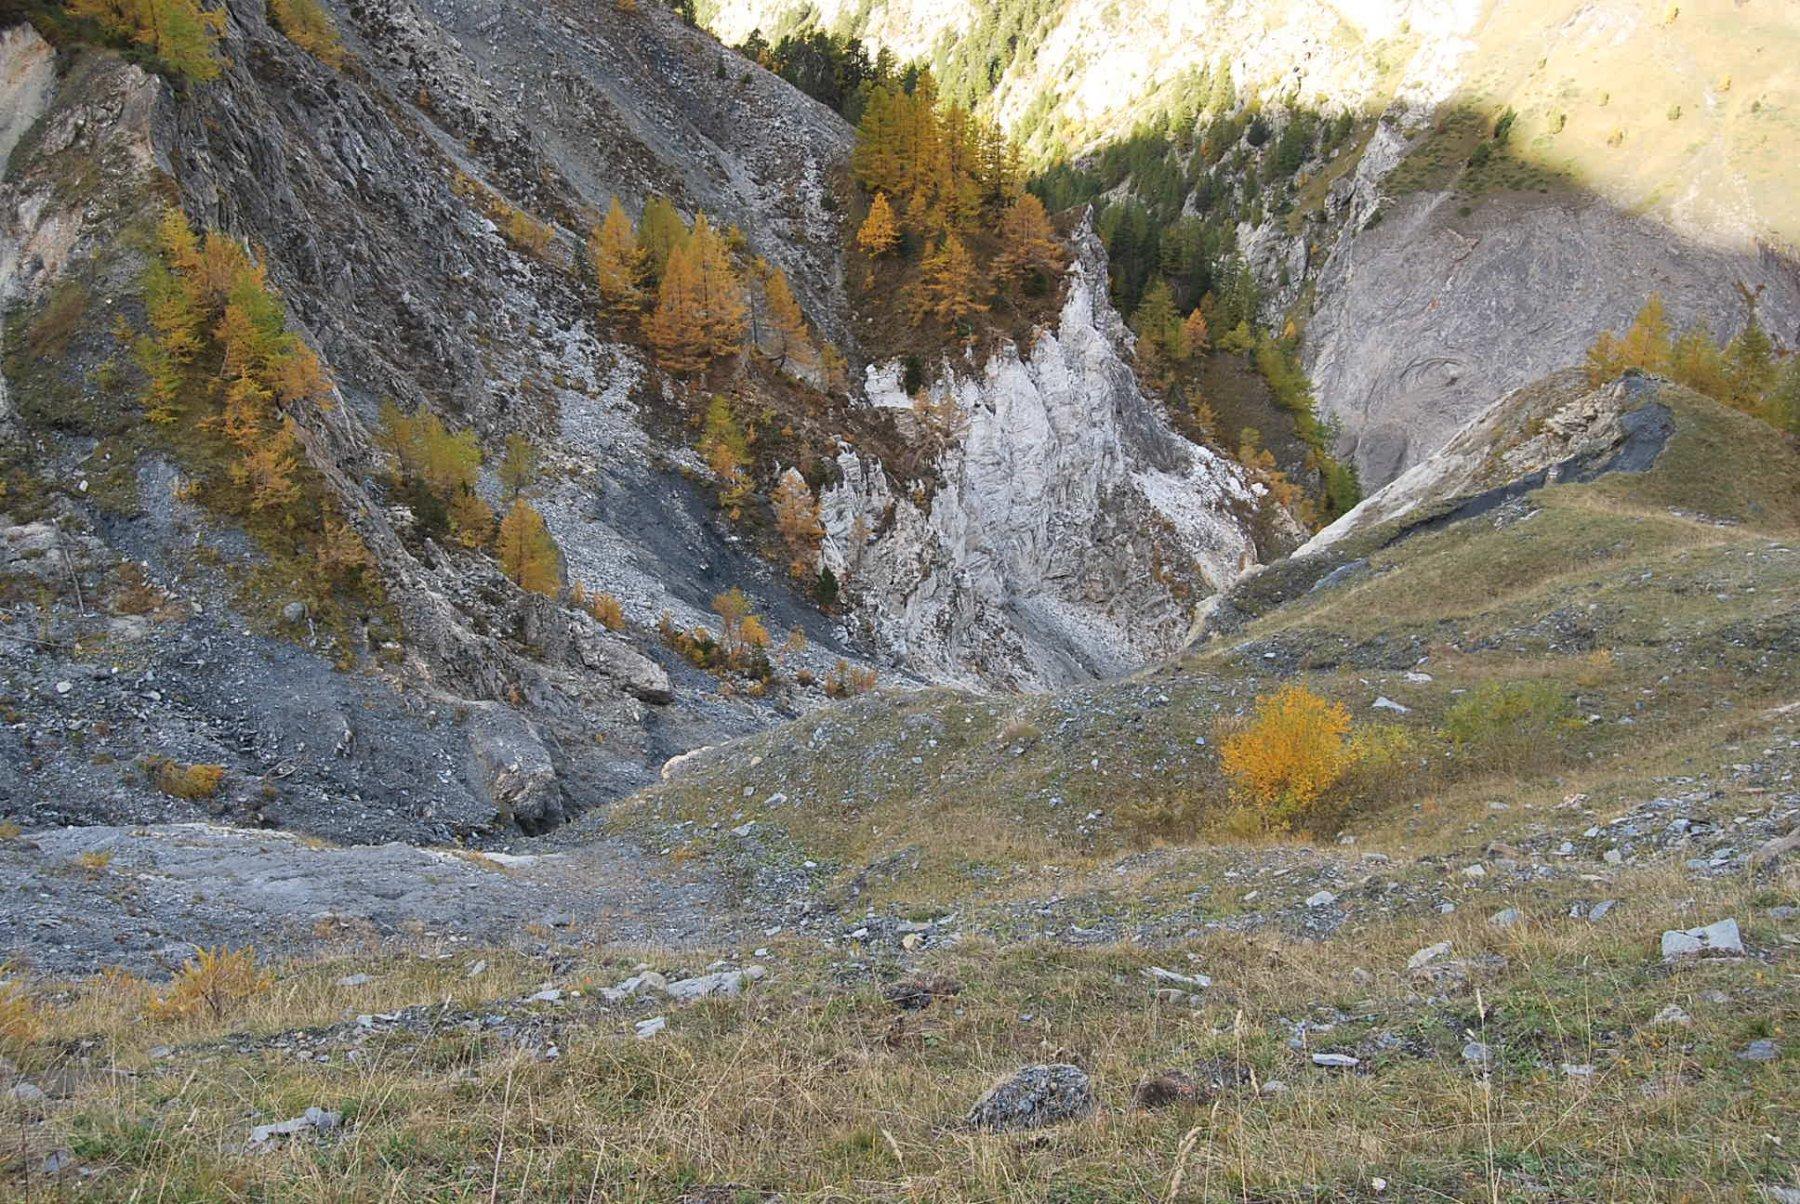 La gola del Torrente Curru, il tratto più delicato con ghiaccio